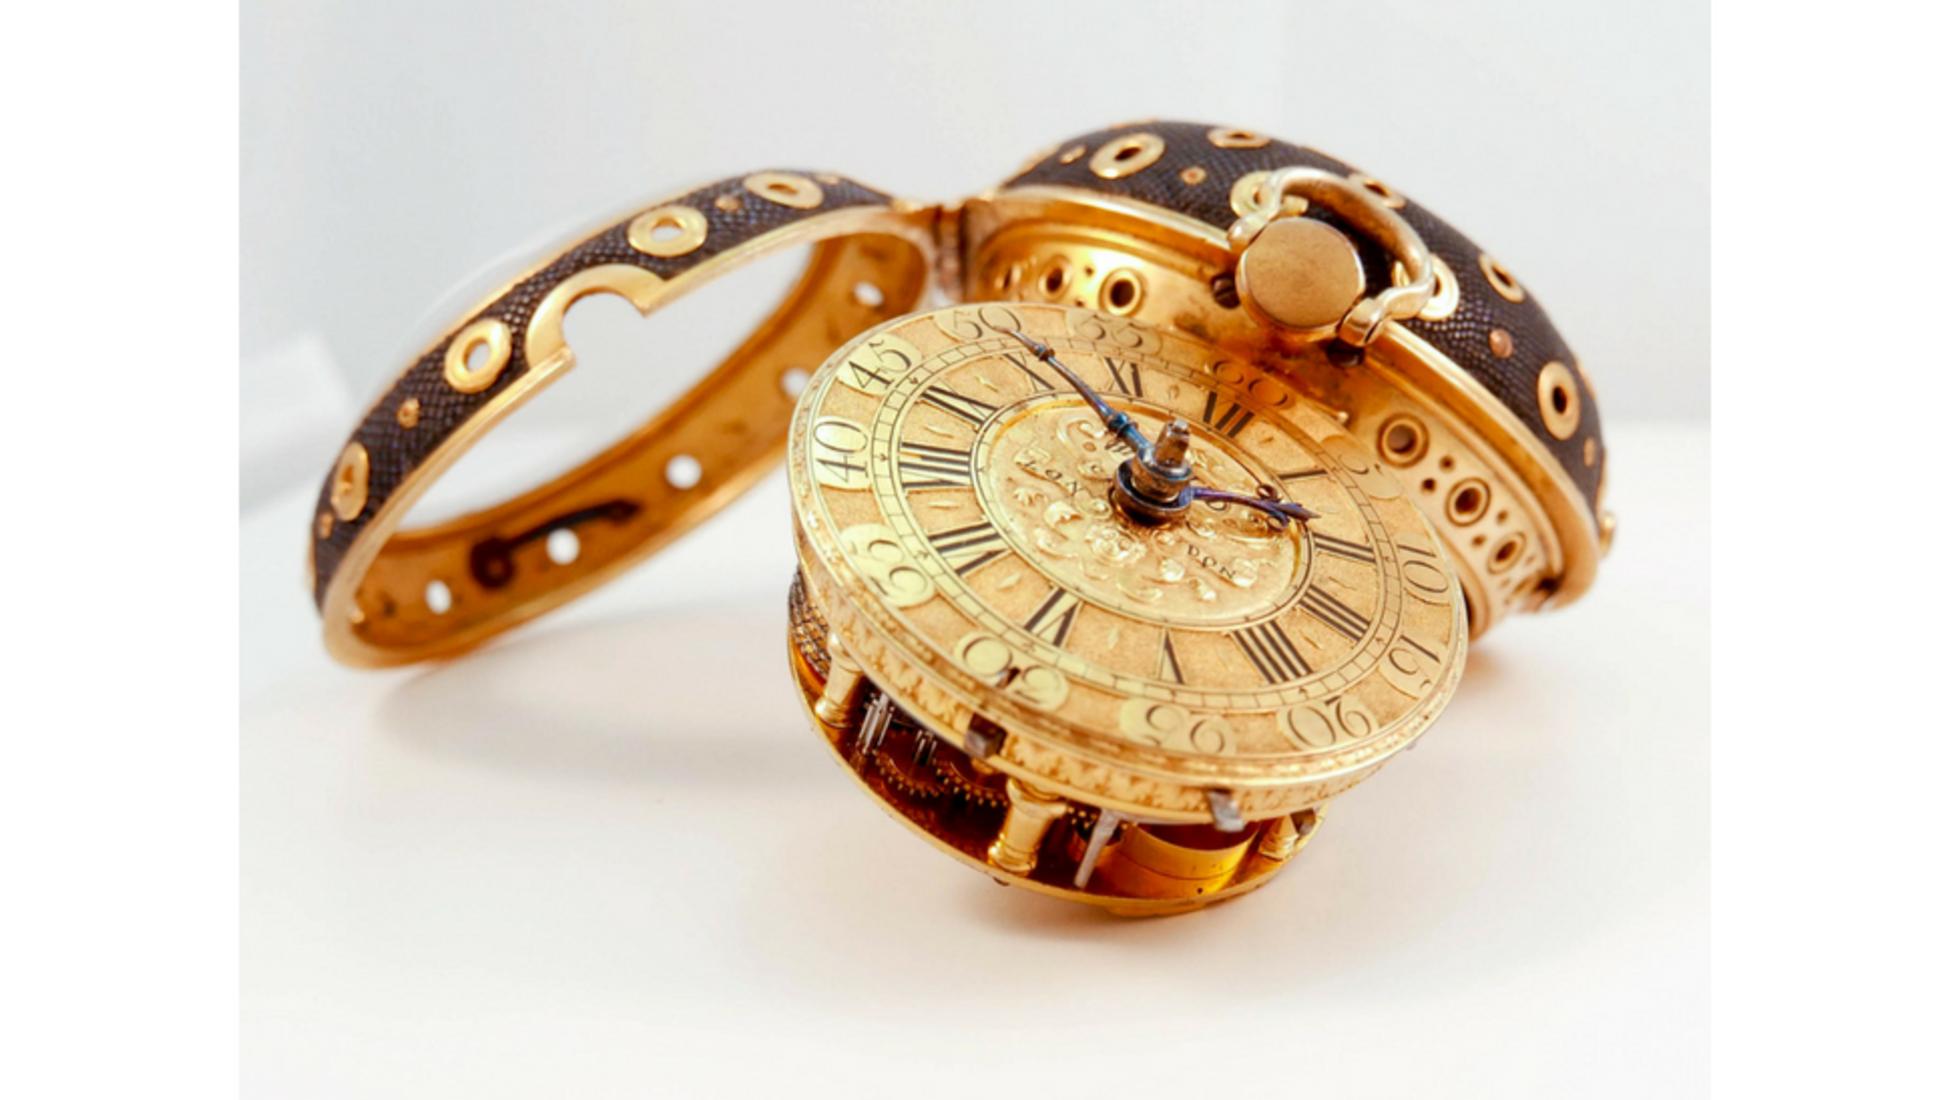 940ea2c5e80b Cómo determinar el valor de un reloj de bolsillo - Catawiki